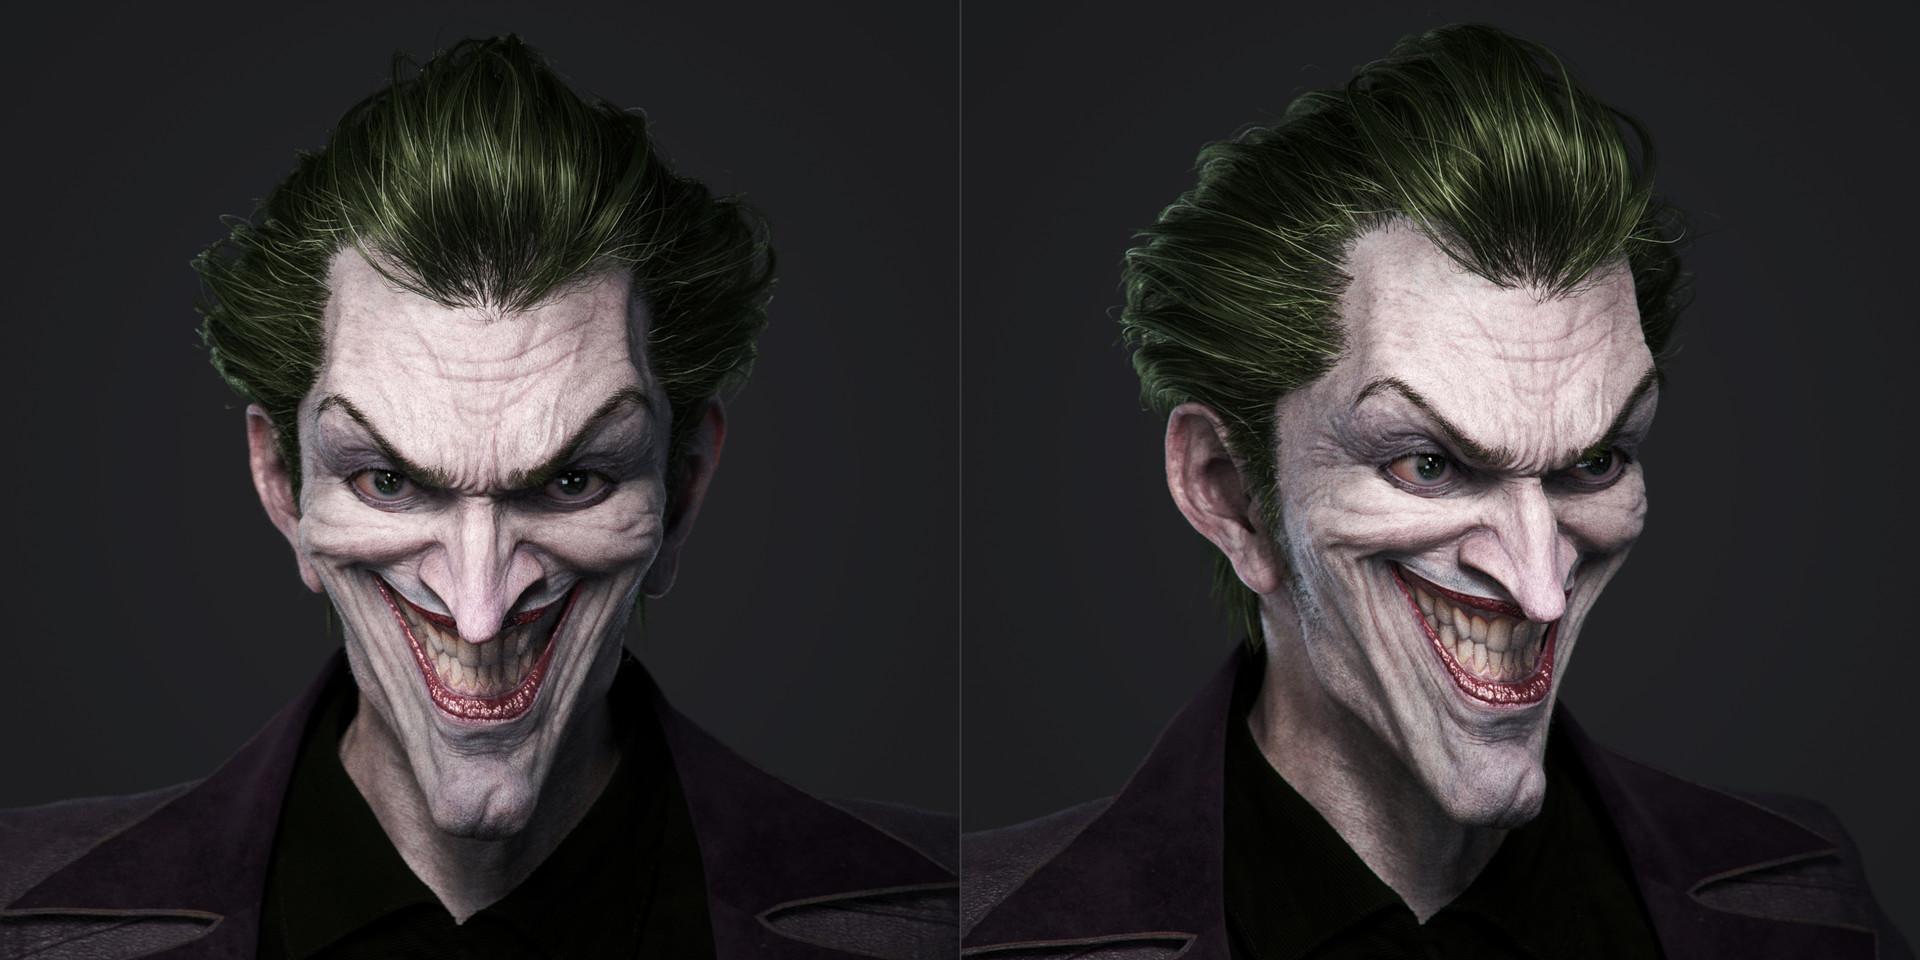 Duc phil nguyen joker angle 01a